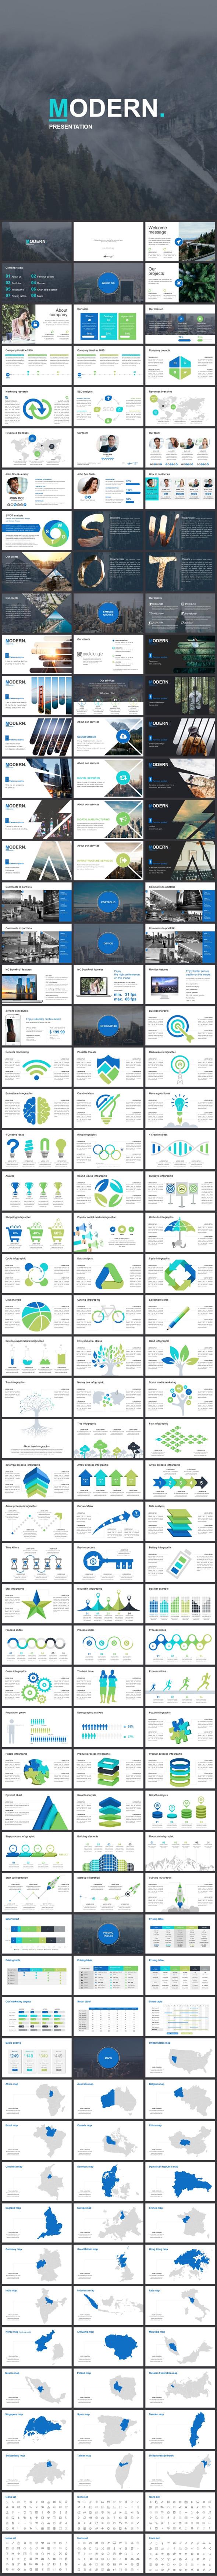 Modern Google Slides Template - Google Slides Presentation Templates